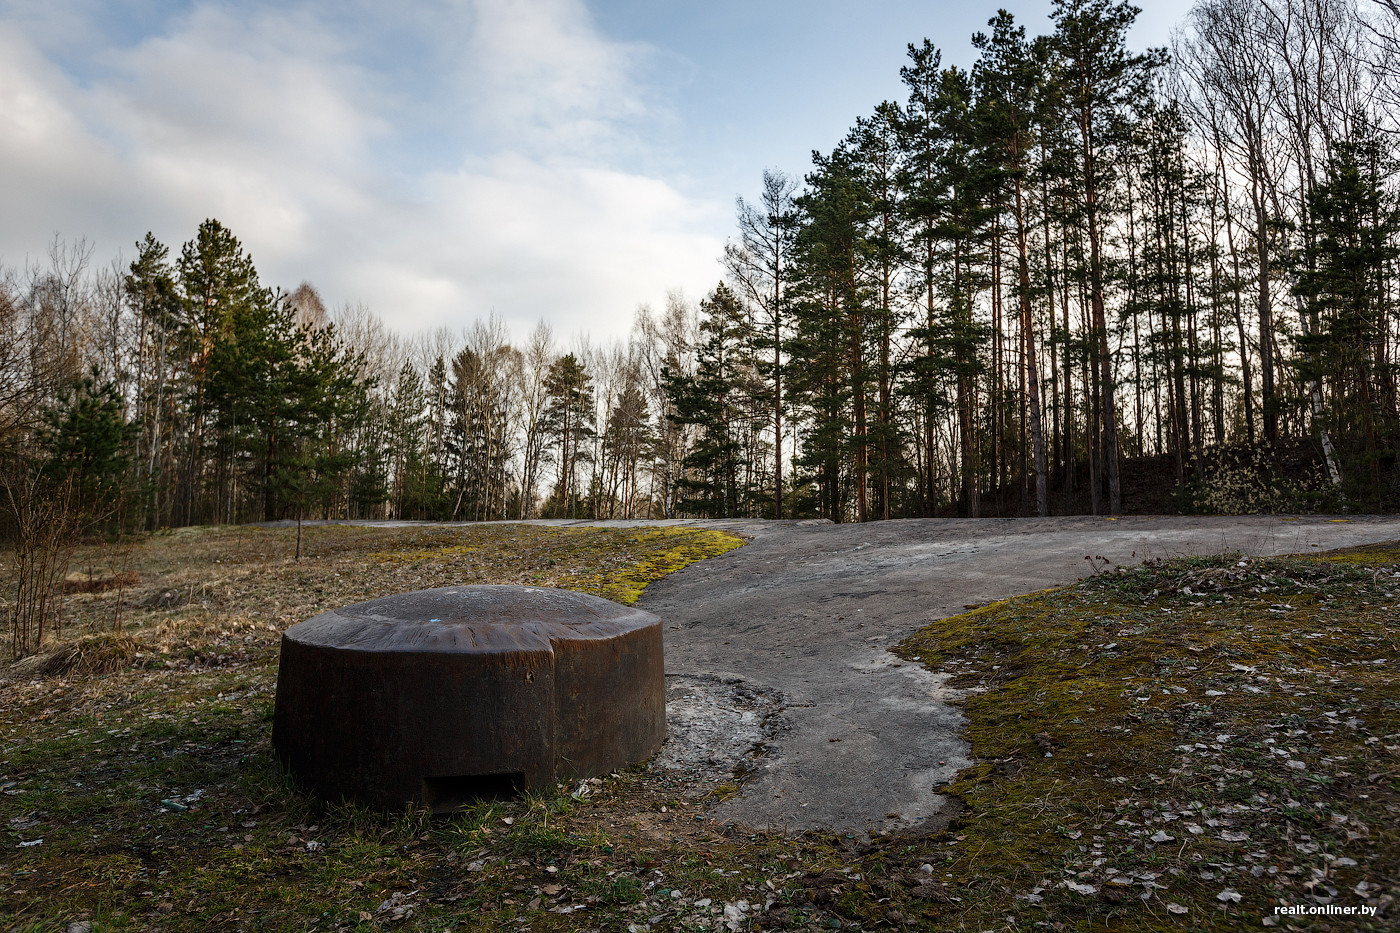 Последняя крепость Российской империи. Фоторепортаж о заброшенных фортах Гродно